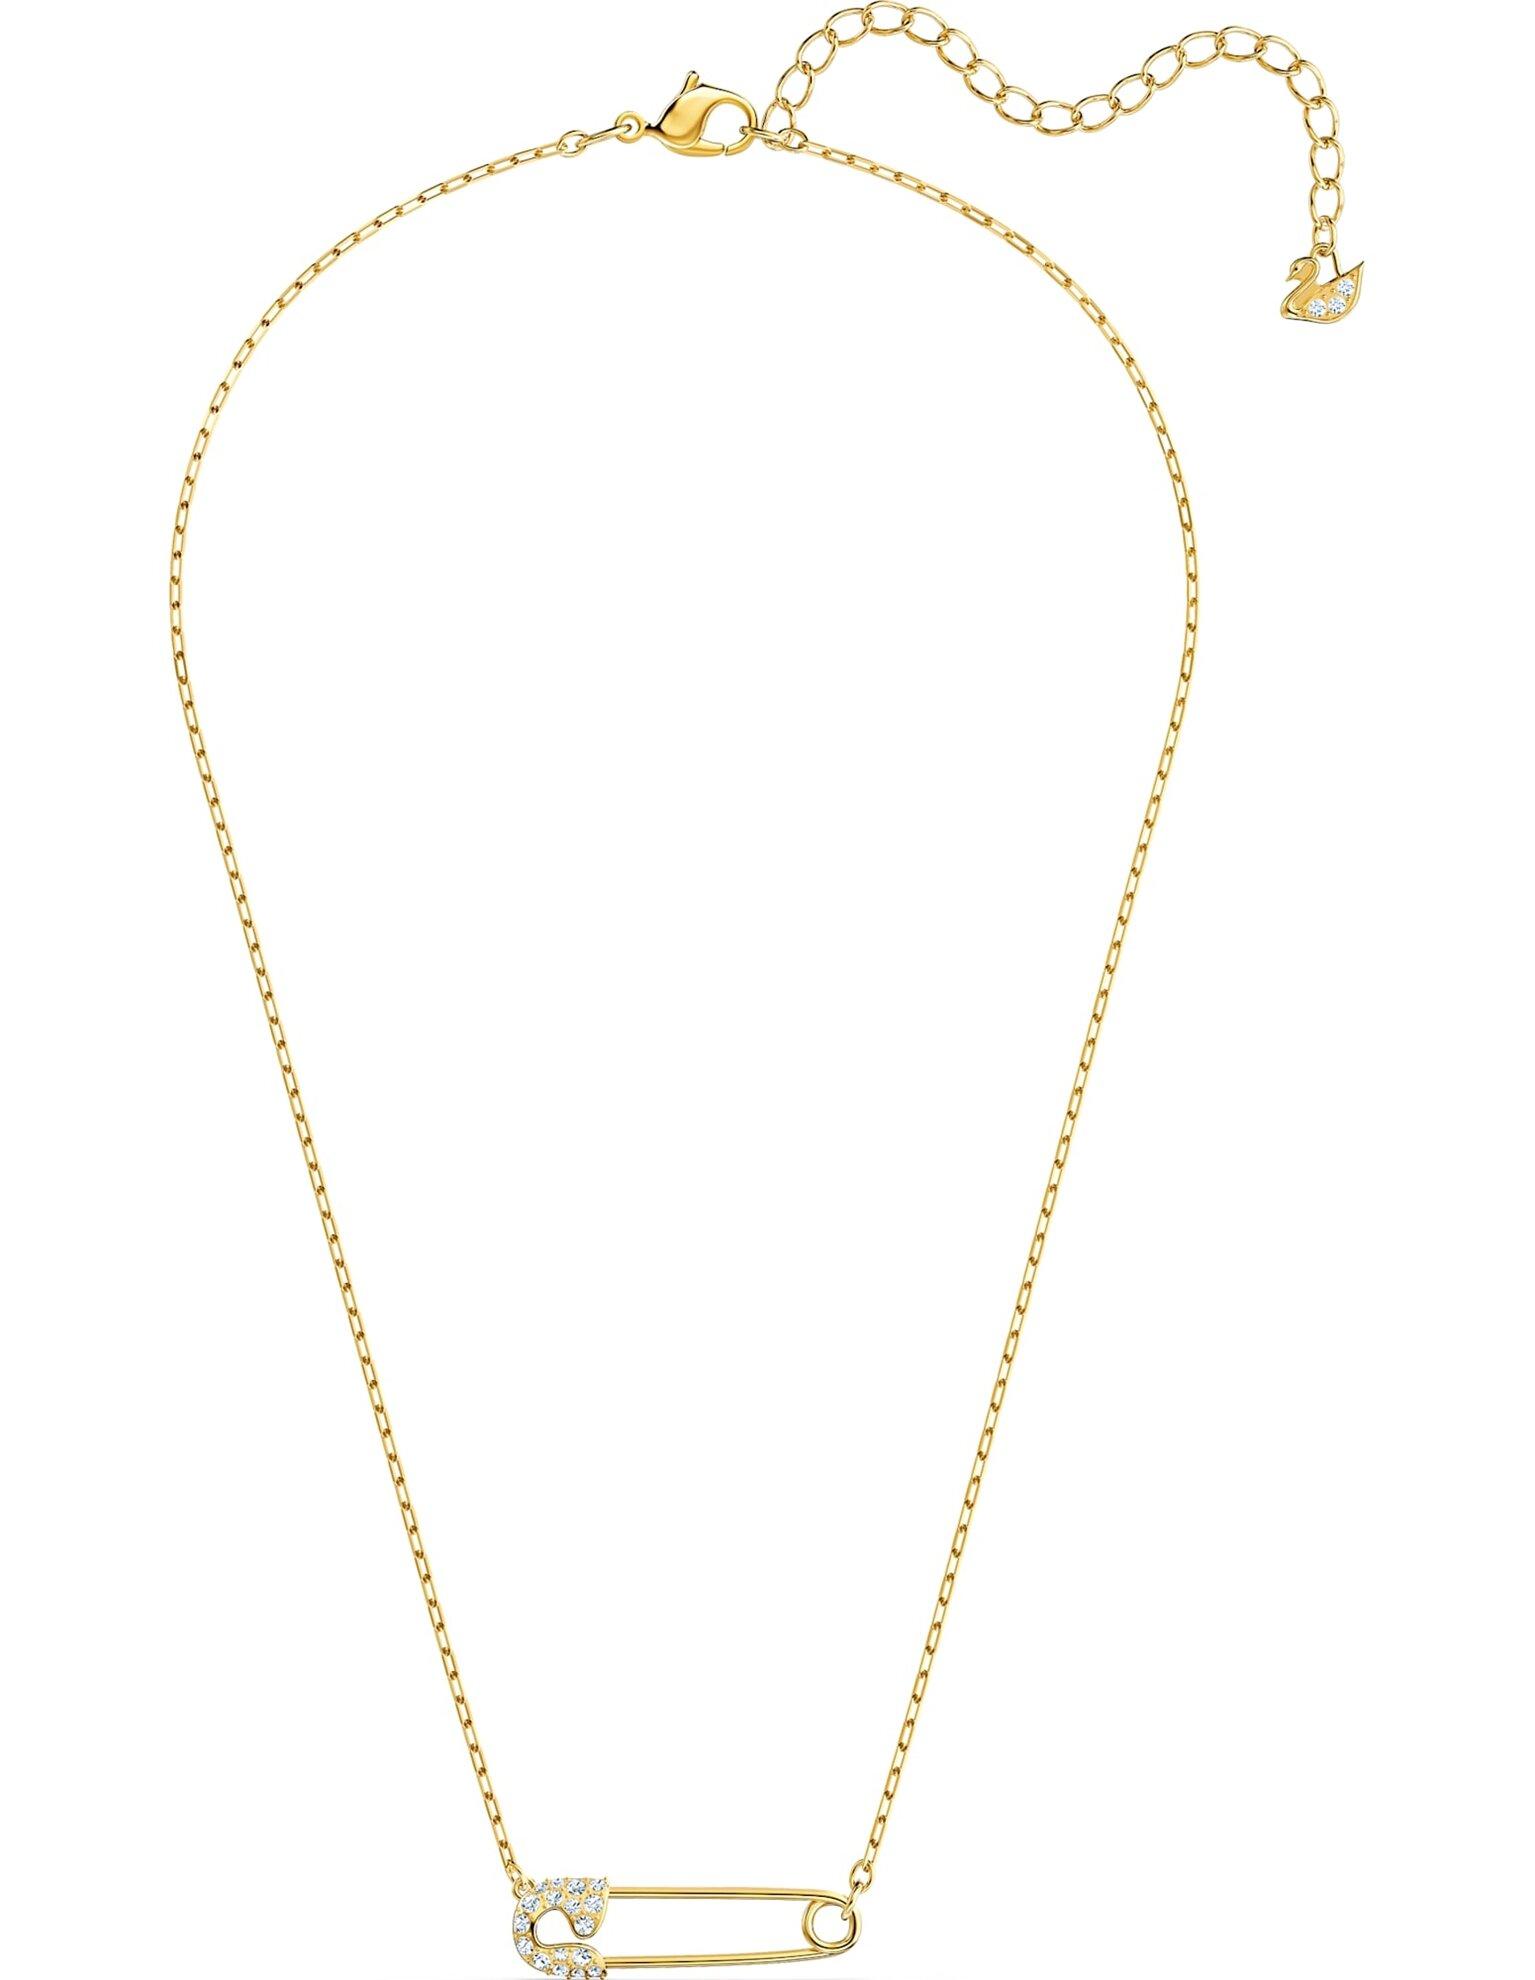 Picture of So Cool Pin Kolye, Beyaz, Altın rengi kaplama